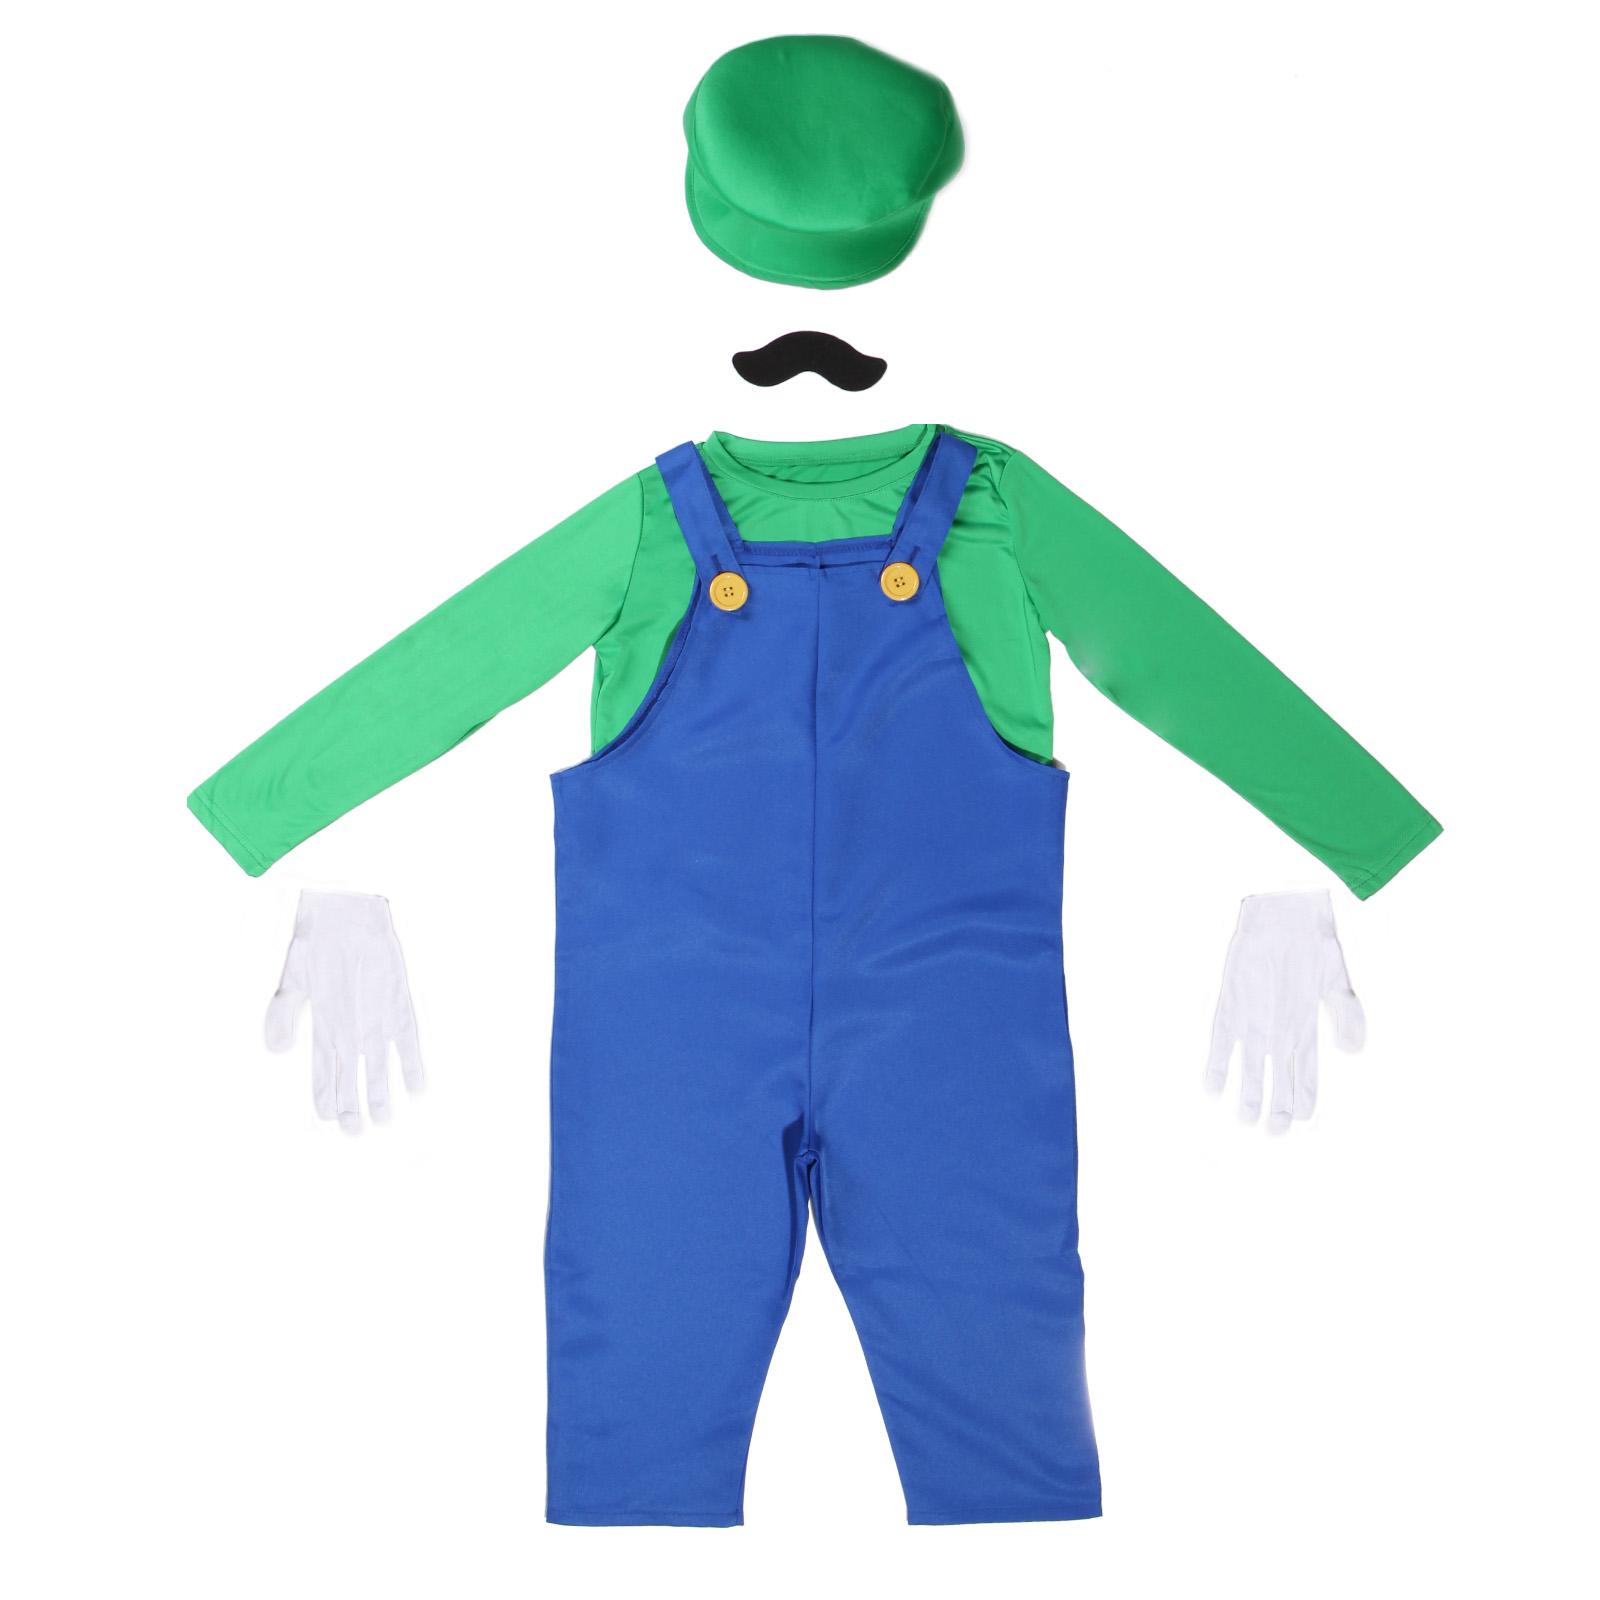 tenue deguisement costume game jeux plumbier mario luigi enfant garcon moustache. Black Bedroom Furniture Sets. Home Design Ideas